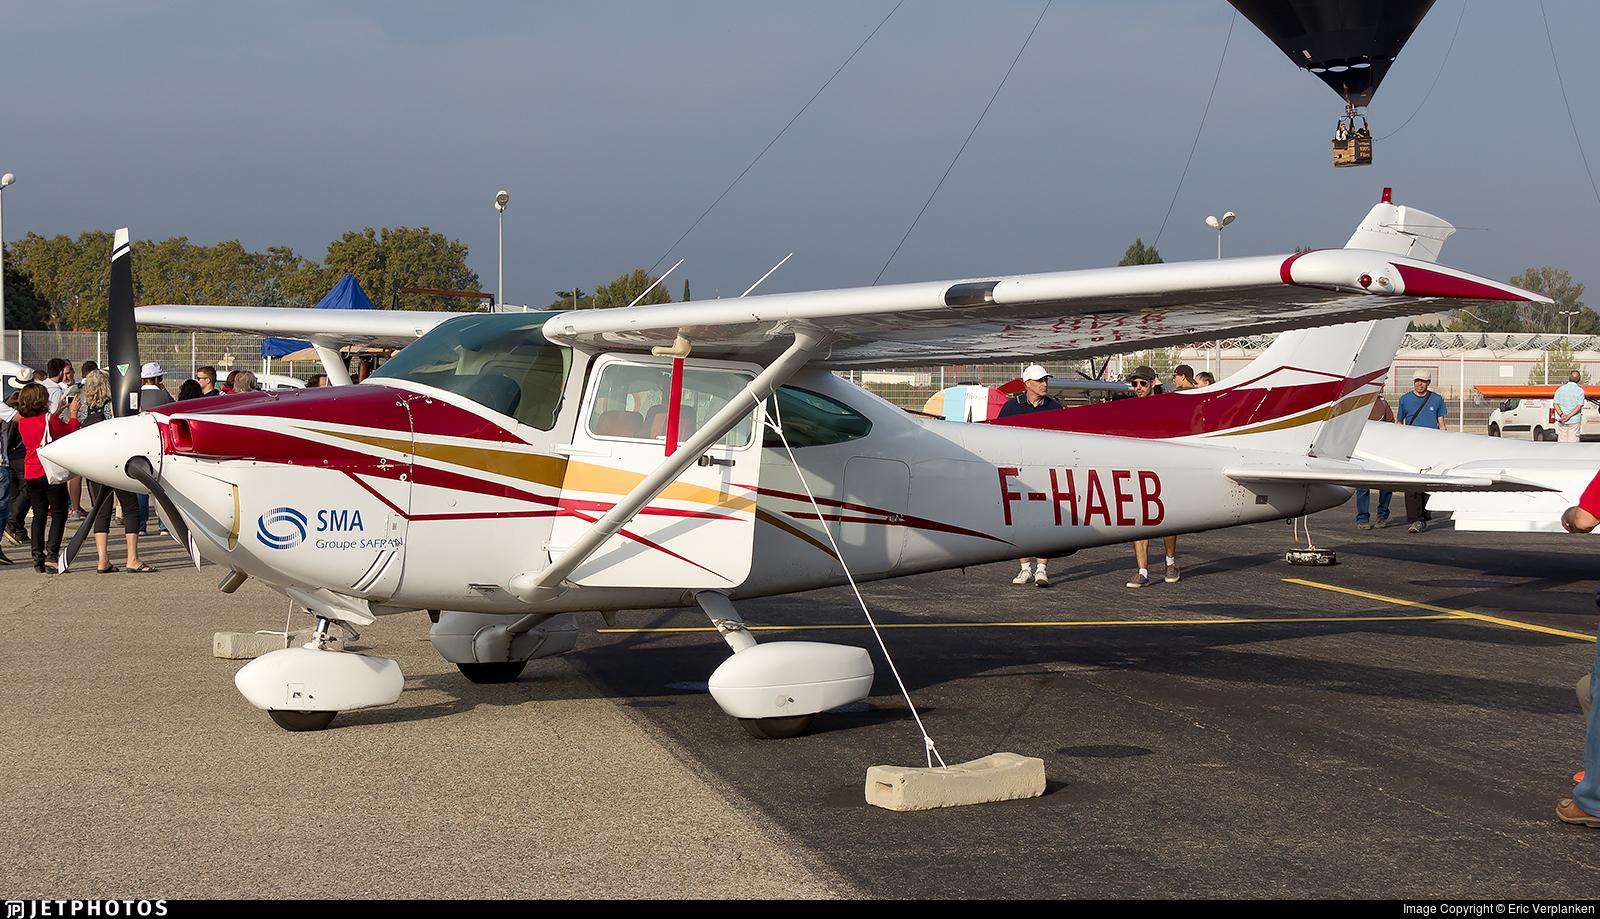 F-HAEB - Cessna 182R Skylane - Aero Club - Vauclusien